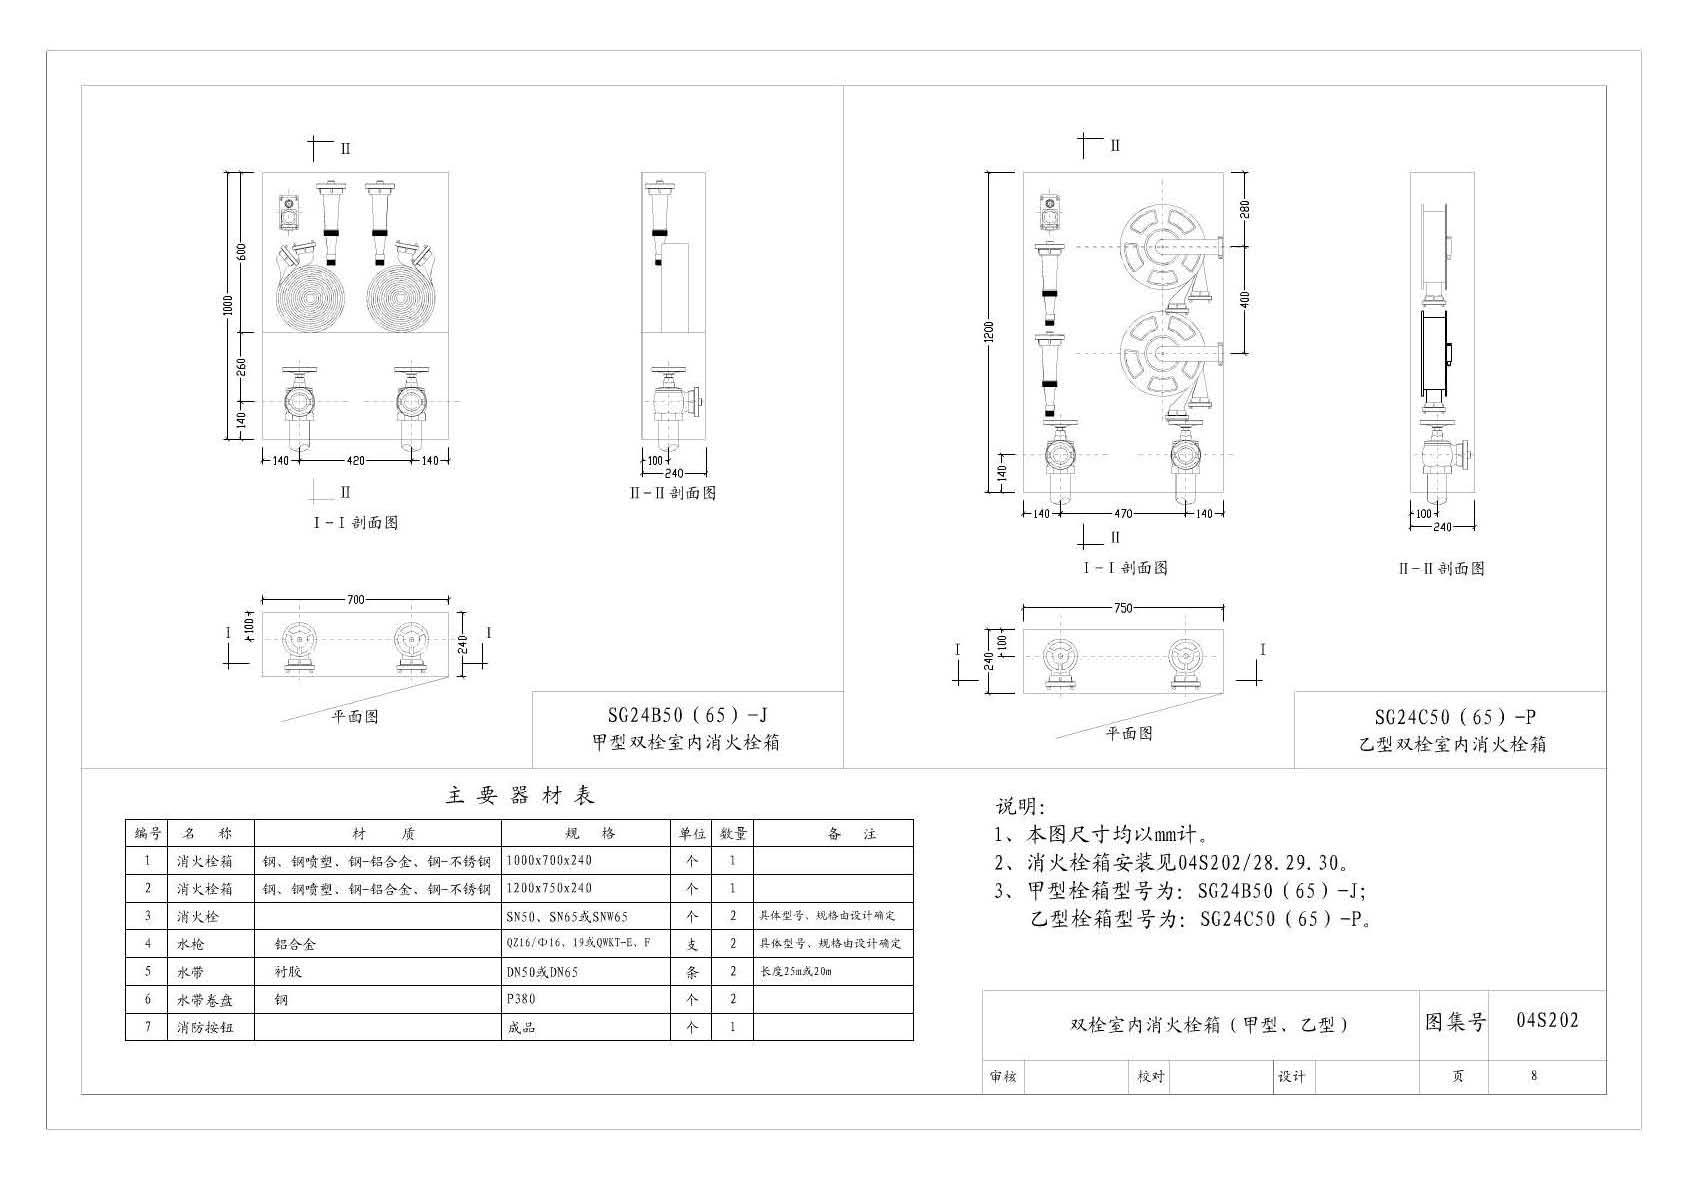 消火栓图集04s202_04S202室内消火栓安装图集pdf格式免费版下载